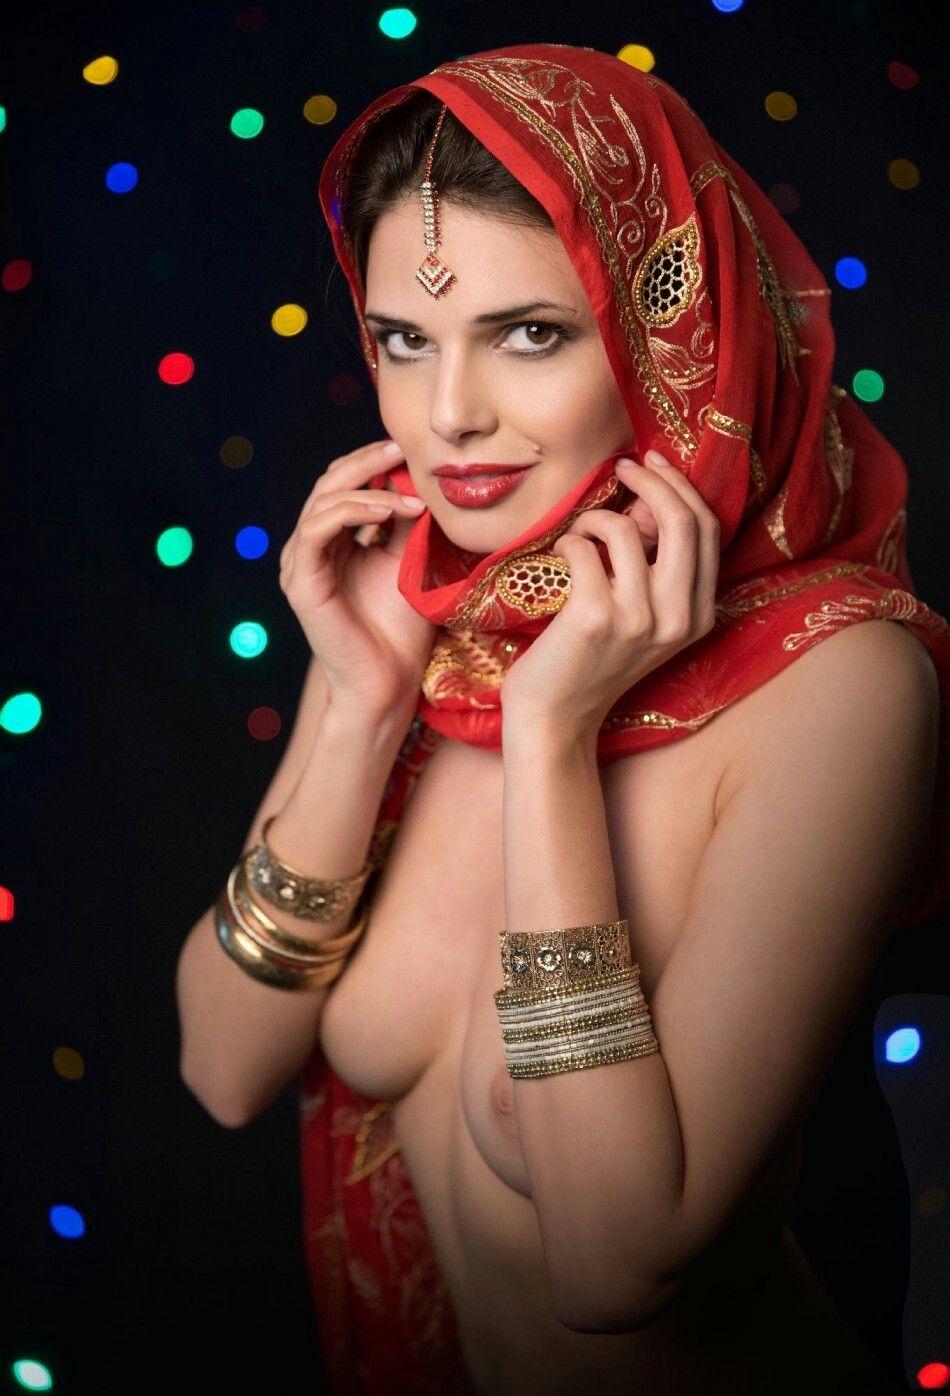 foto-krasivaya-indianka-golaya